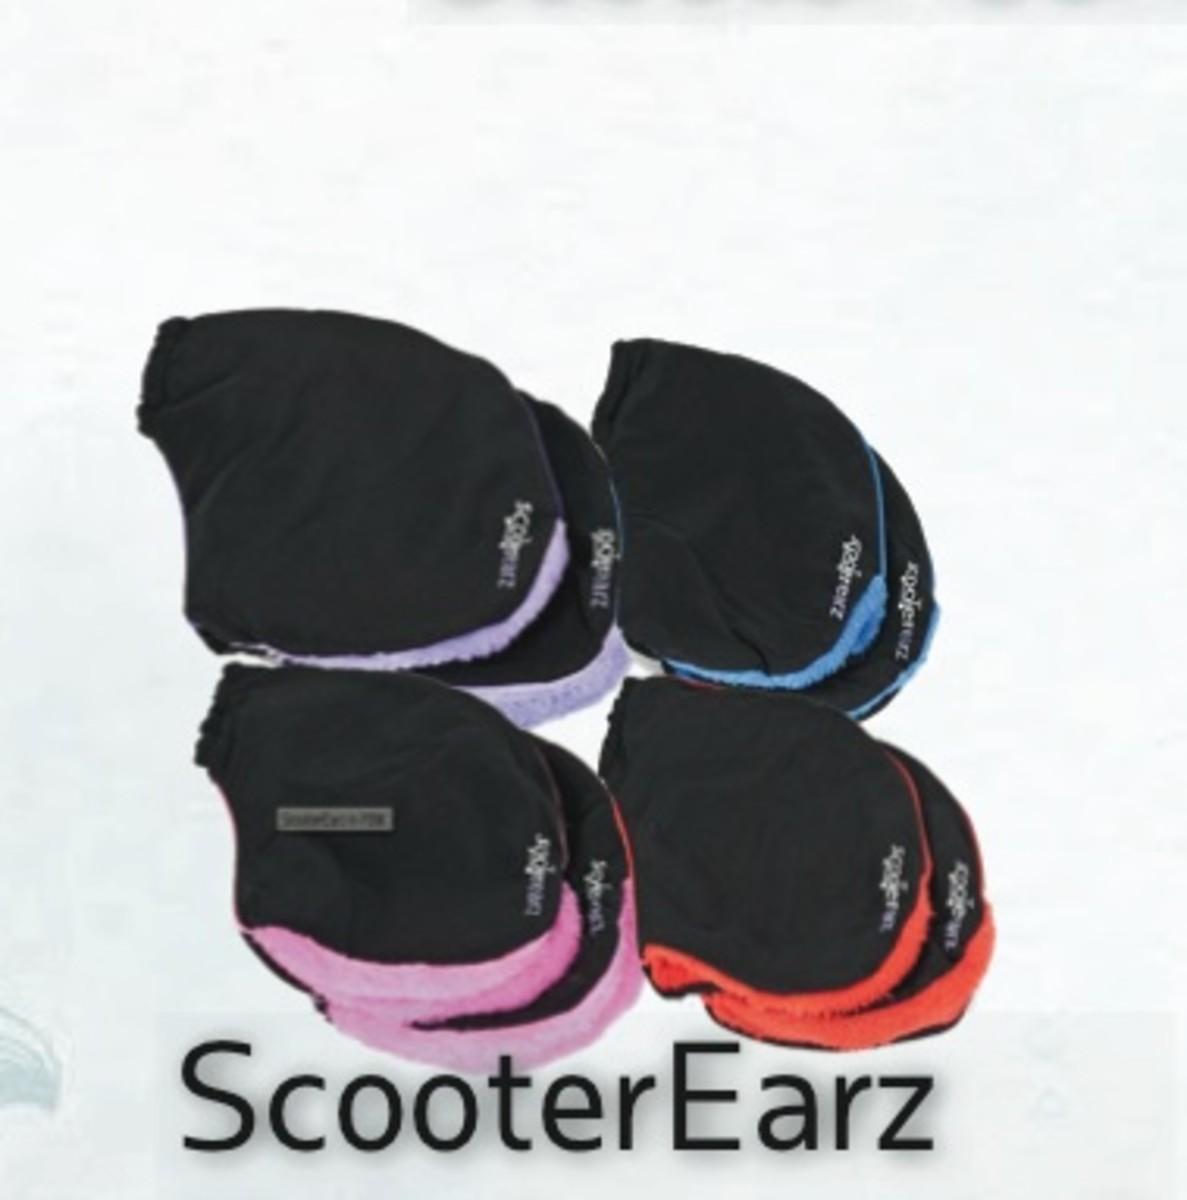 scootearz